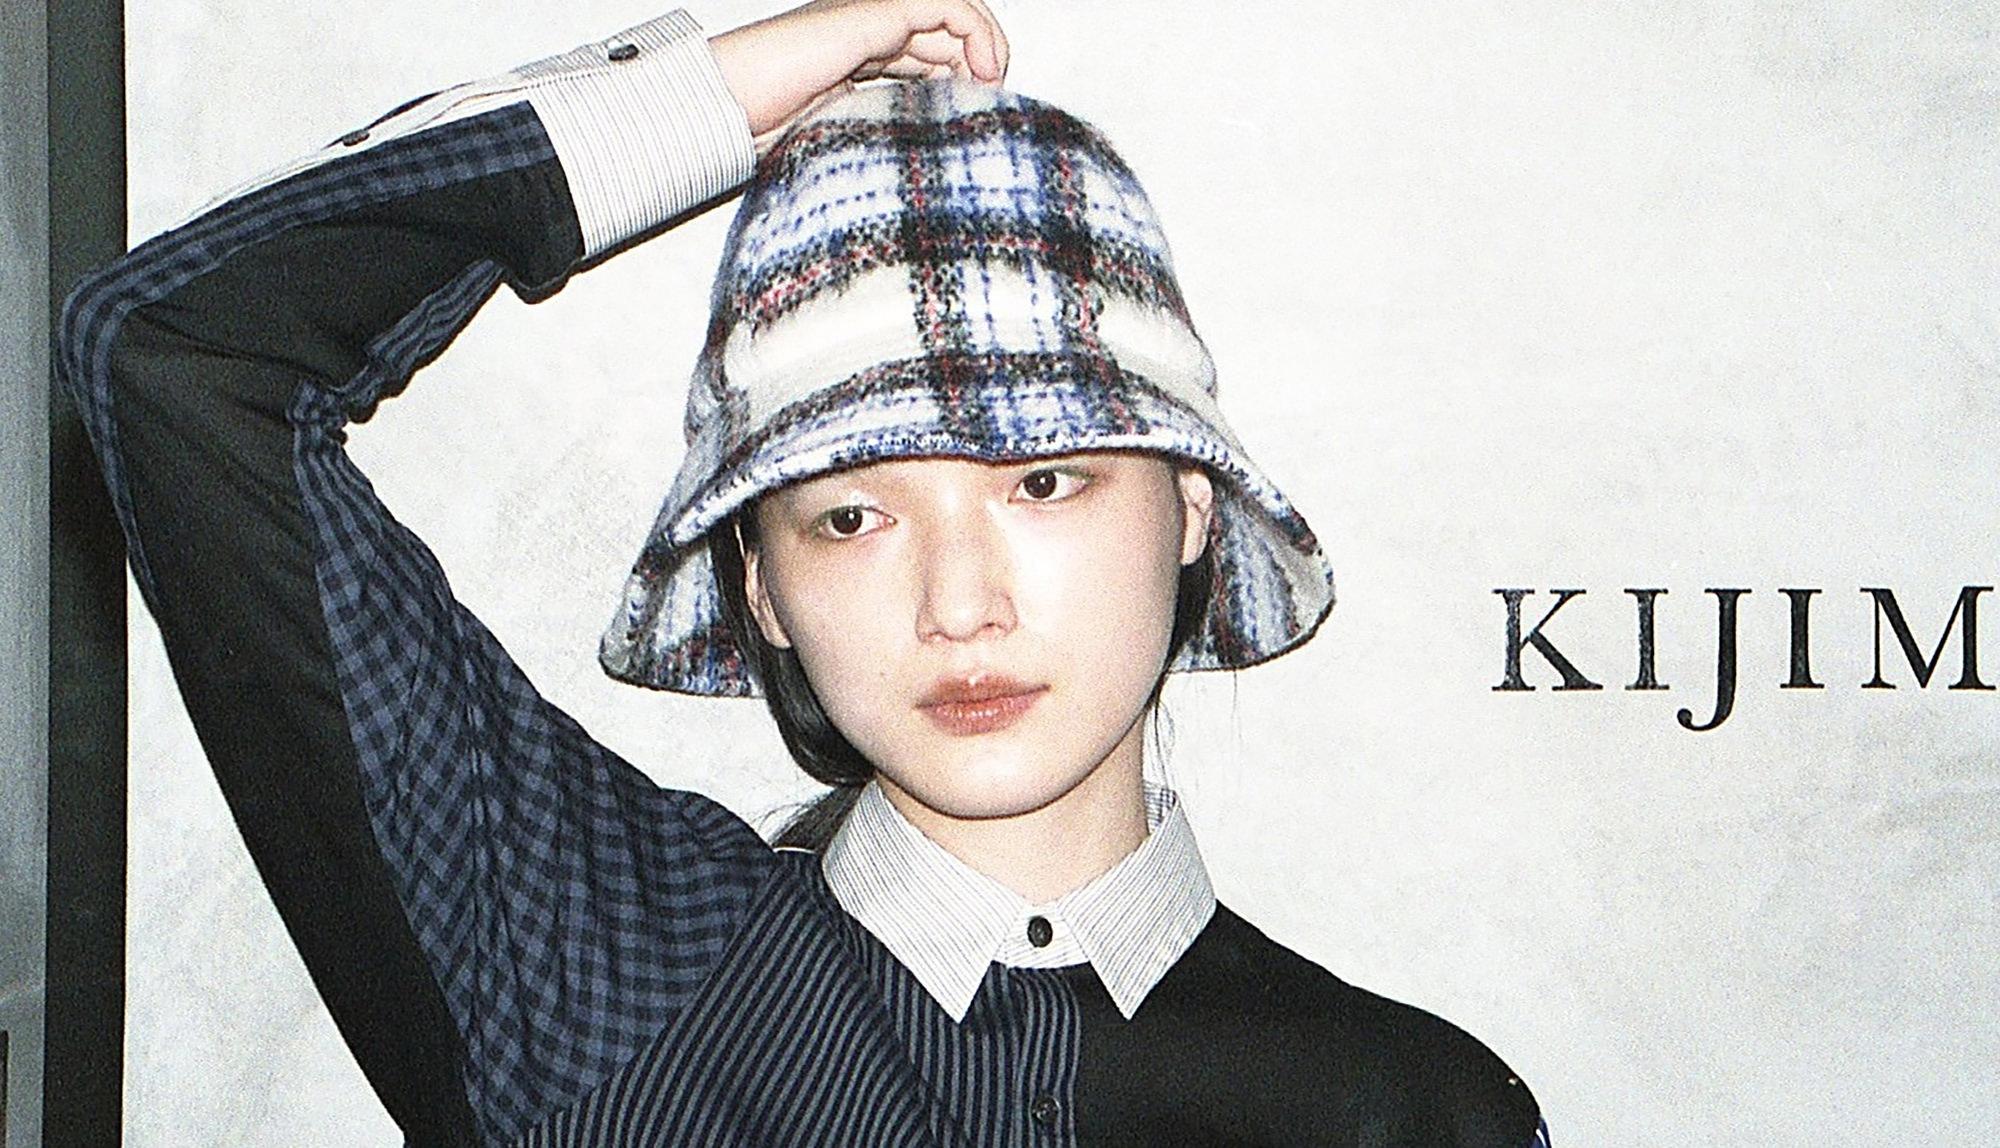 中島沙希×UNDERCOVER NOISE LAB/HAT MAKER KIJIMA TAKAYUKI|敬愛するブランドが紡ぐ、リラクシーな秋スタイル